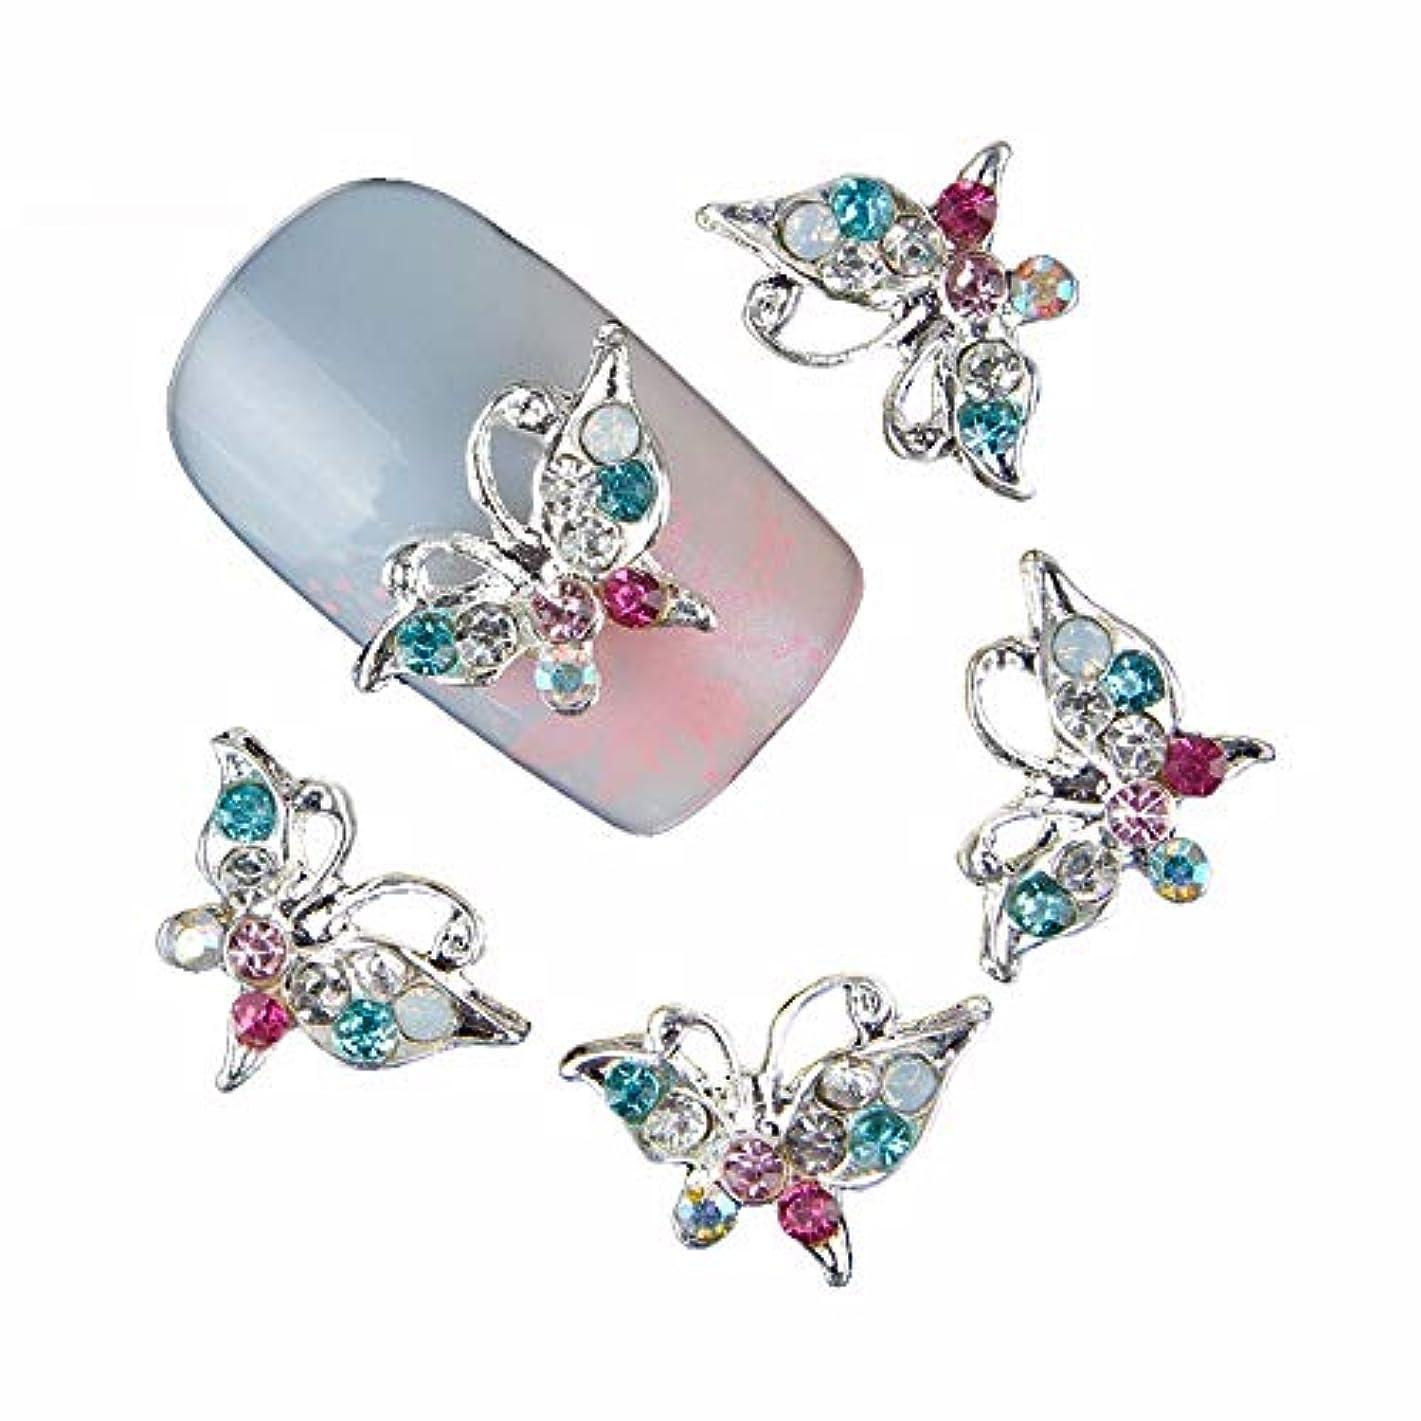 嫌いシェアサンダル10個入り/ロットグリッターラインストーンネイル蝶のデザインネイルズアートの装飾合金3Dストラススタッド付属品